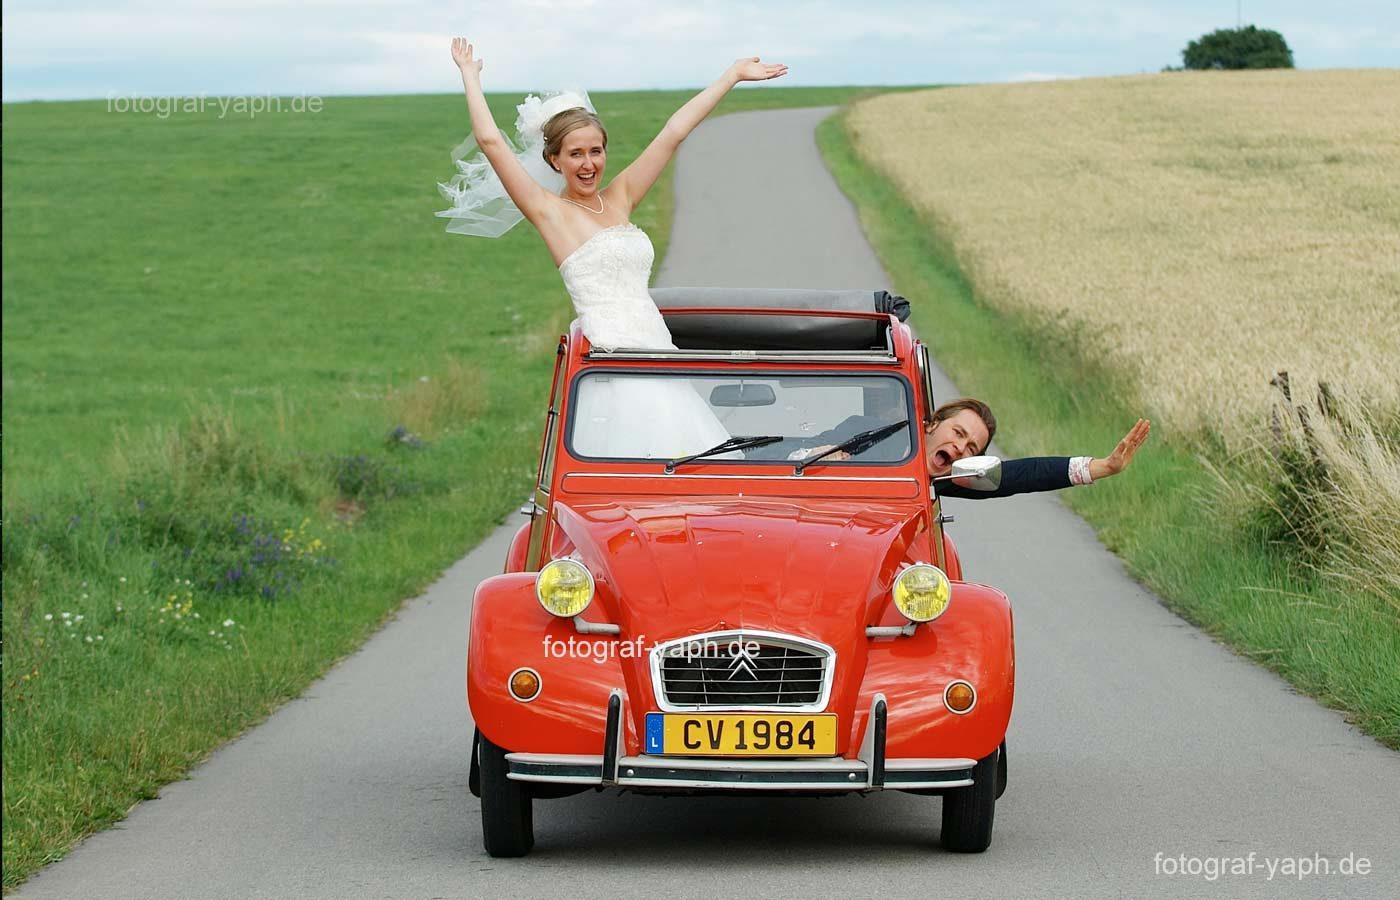 Hochzeitsfotografie und Brautpaarshooting von Fotograf Yaph in Trier und Luxemburg.